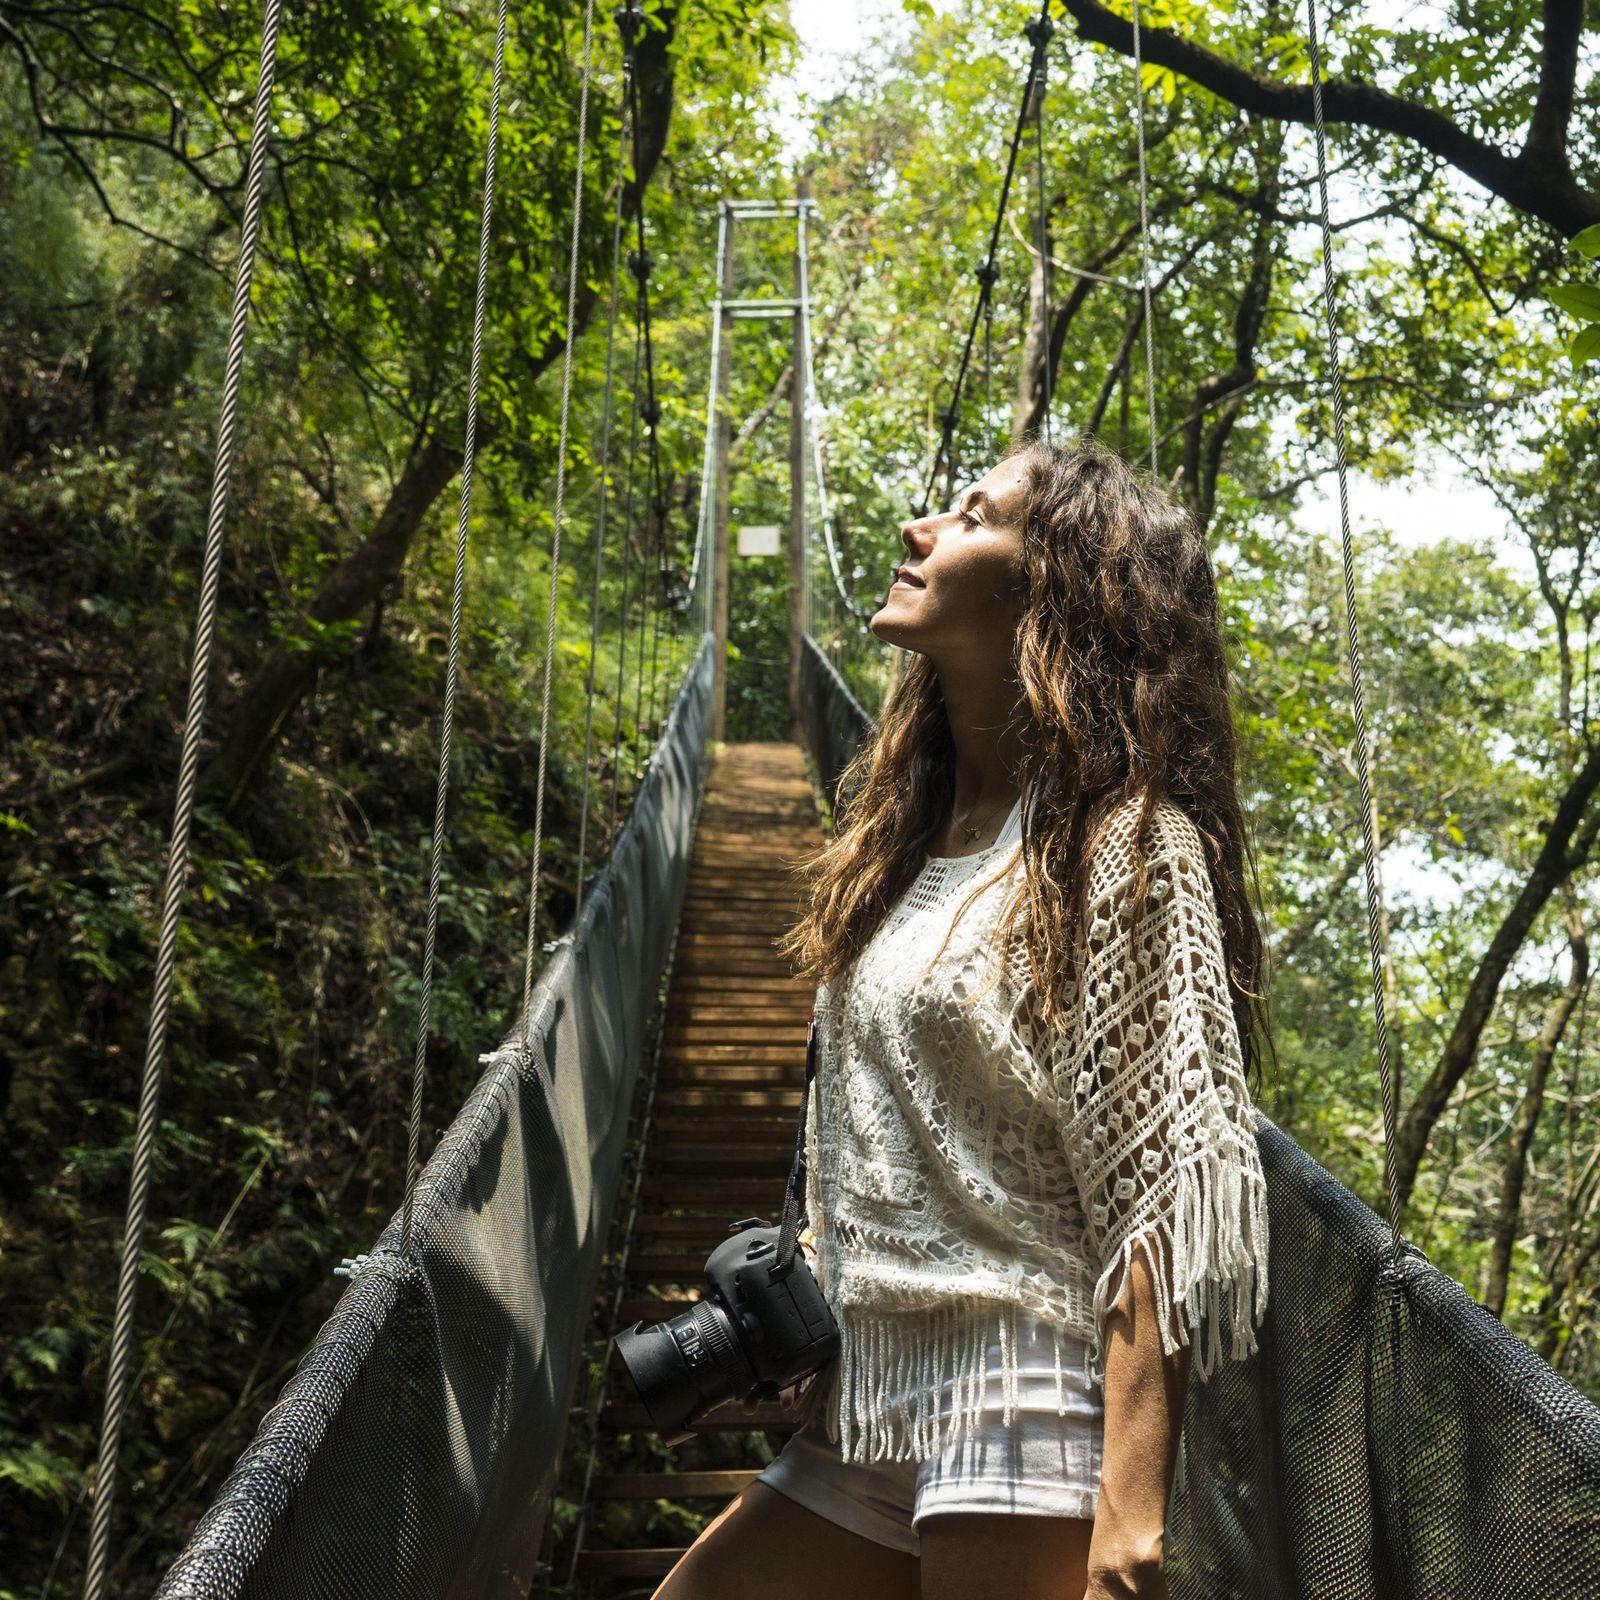 A excursão para descobrir a selva da Costa Rica foi a preferida de Courtney Scott. Descubra-a!